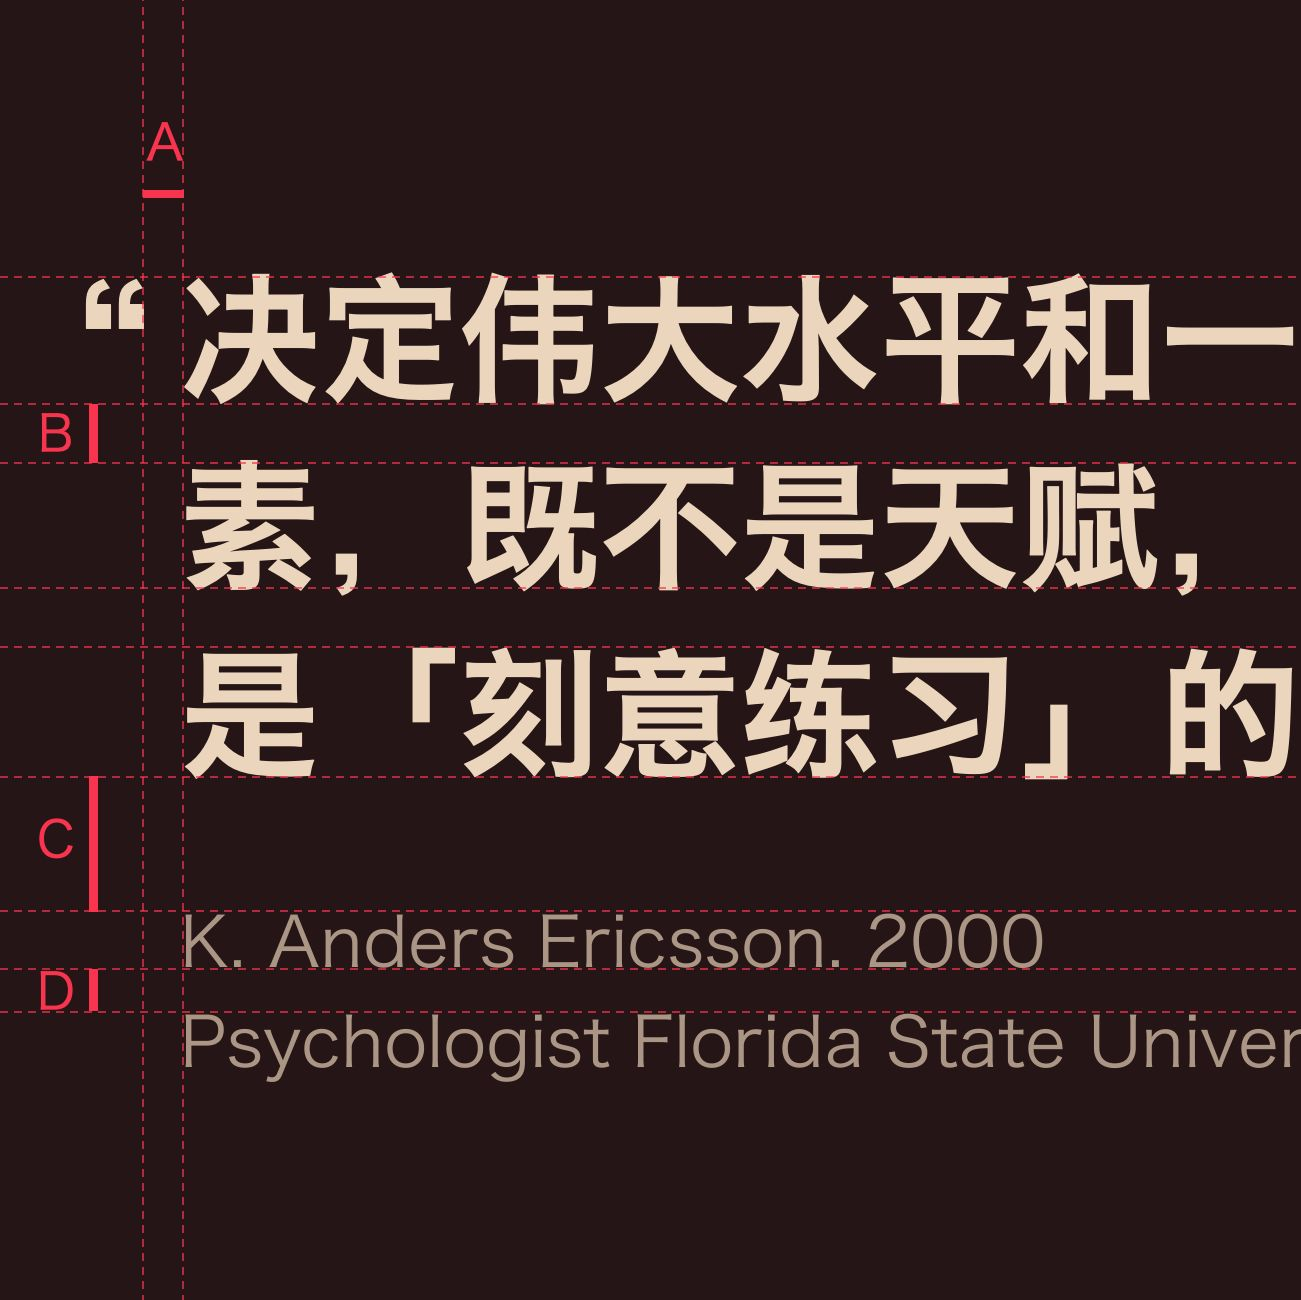 简体中文文本排版指南